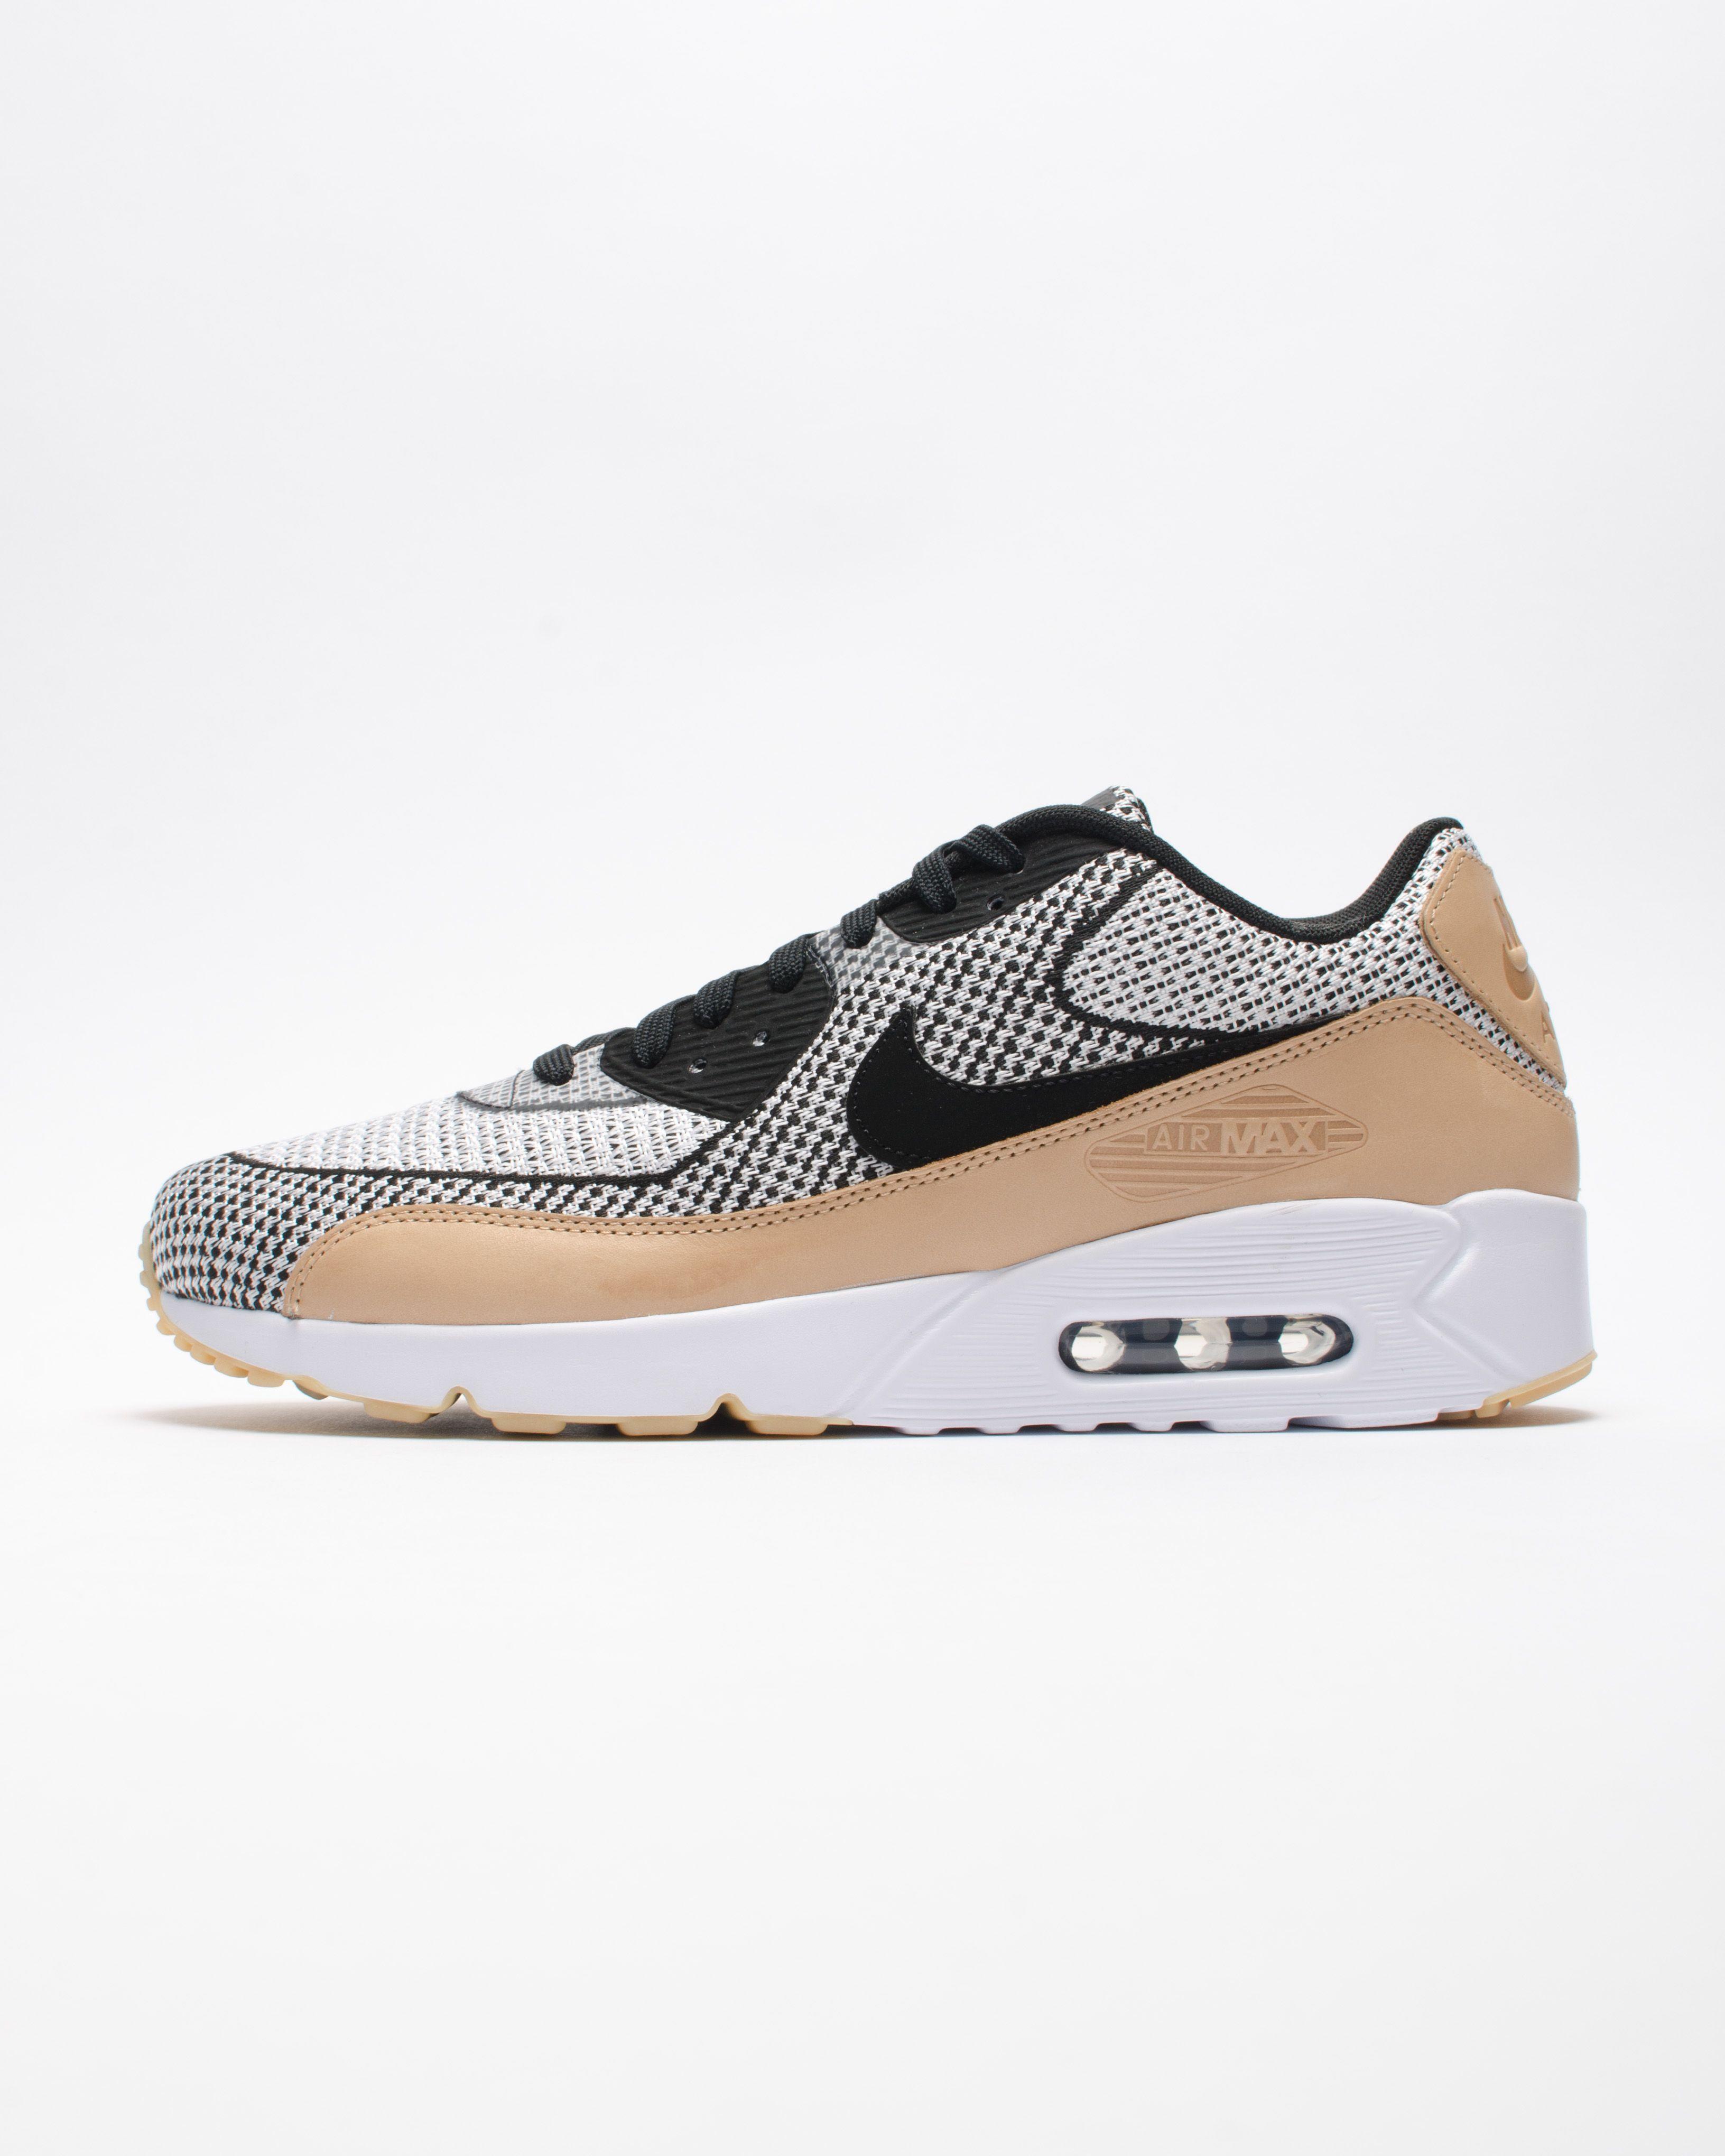 sports shoes d15f4 0a29f Nike Air Max 1 Flax QS